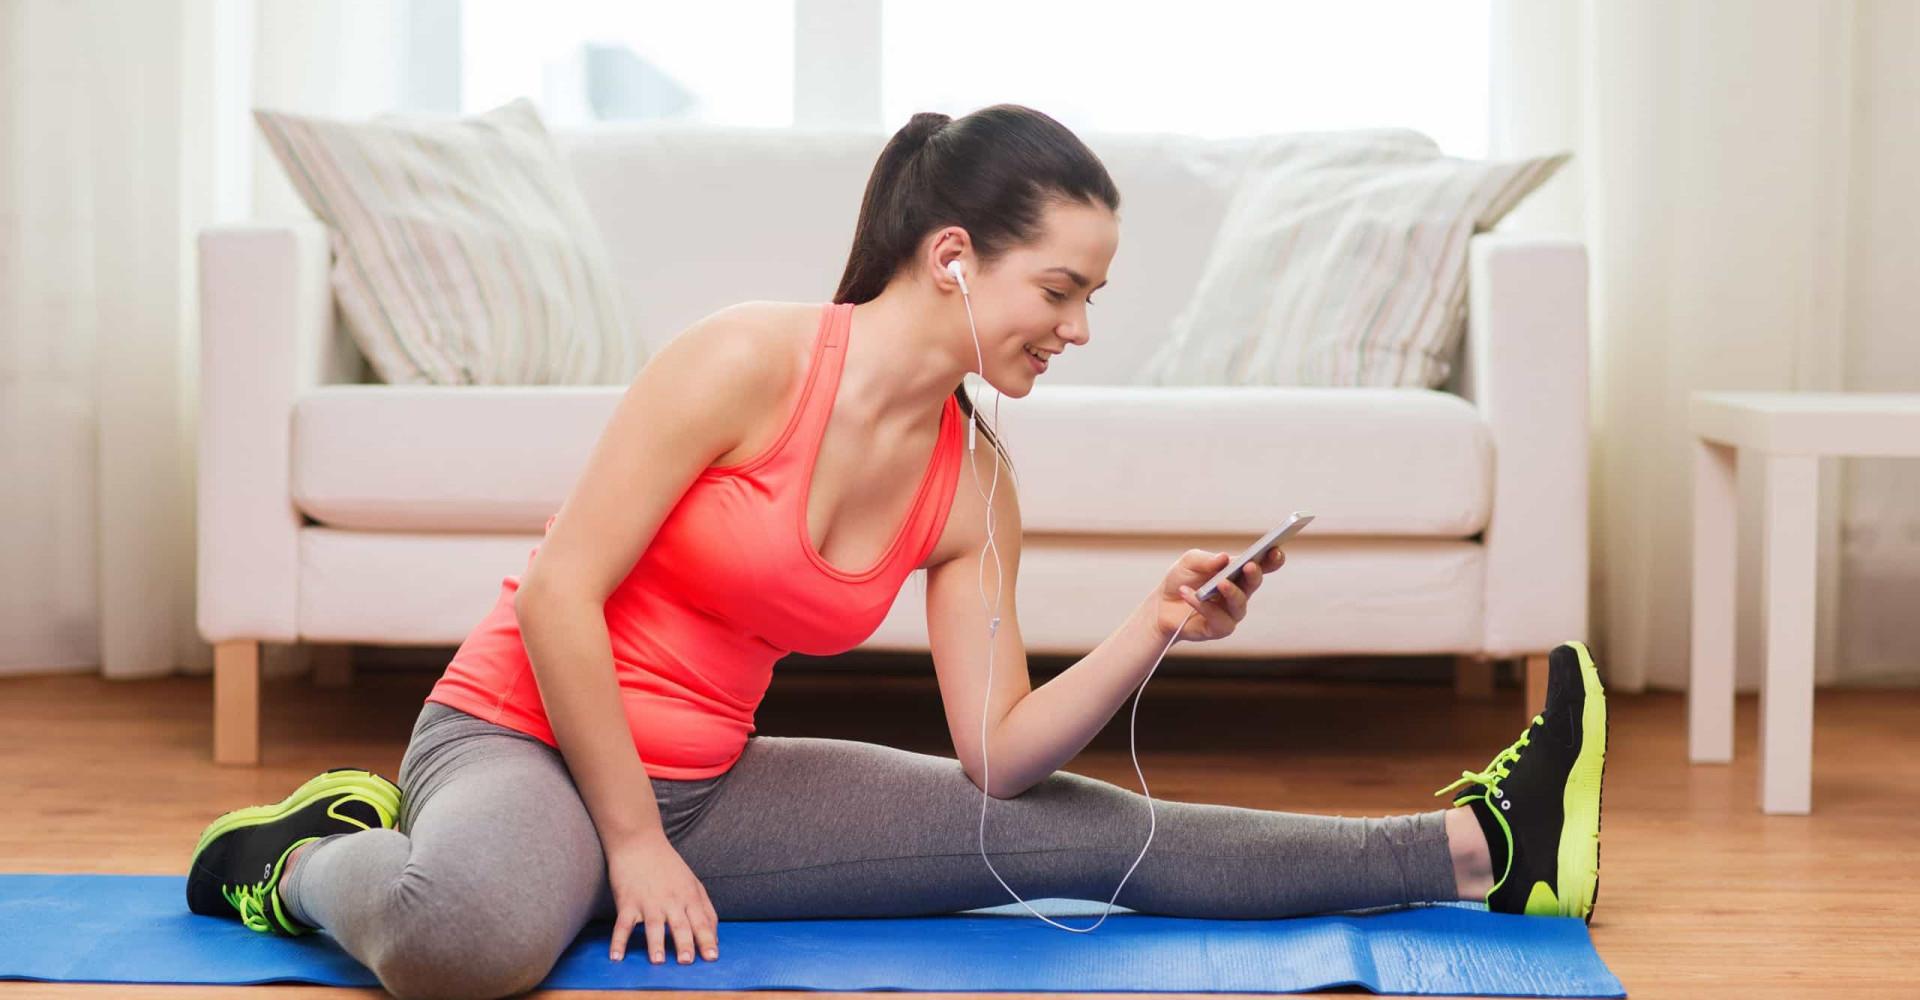 Las mejores aplicaciones de fitness de 2020